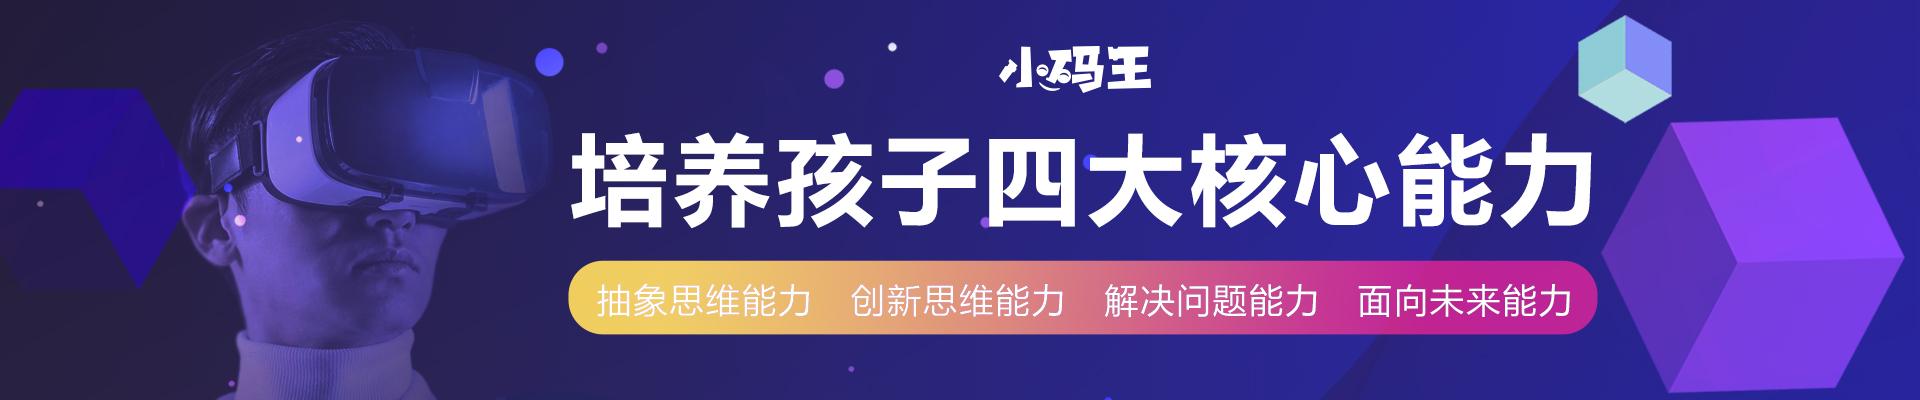 西安小碼王少兒編程培訓學校